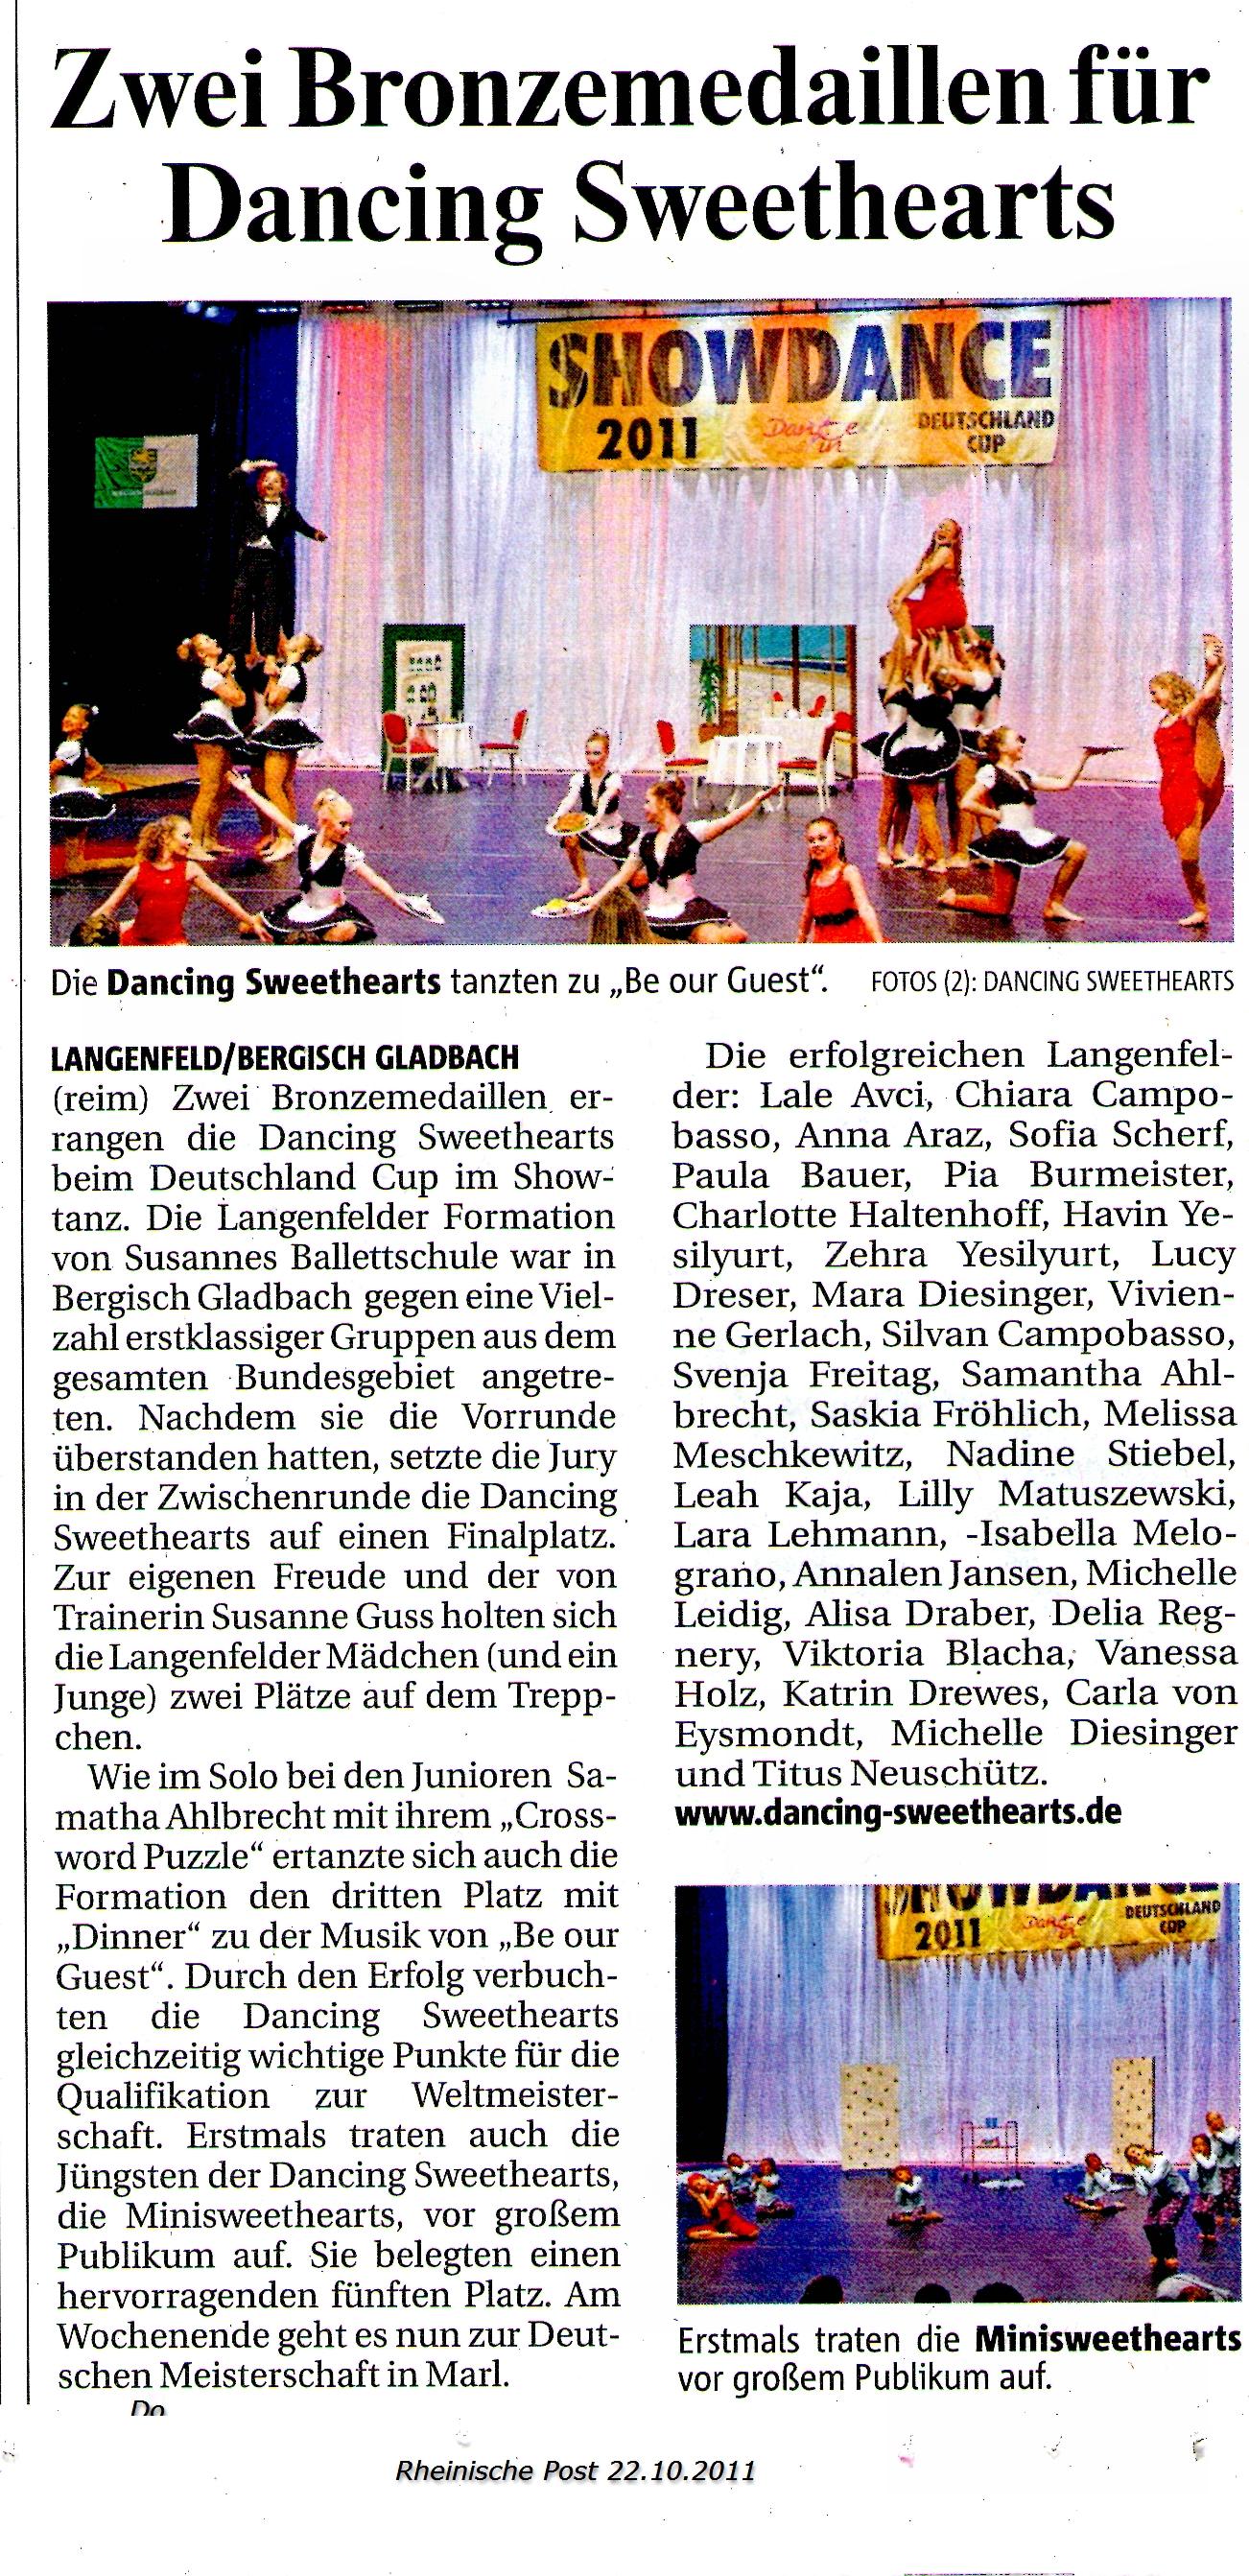 RP 22.10.11 Deutschland Cup